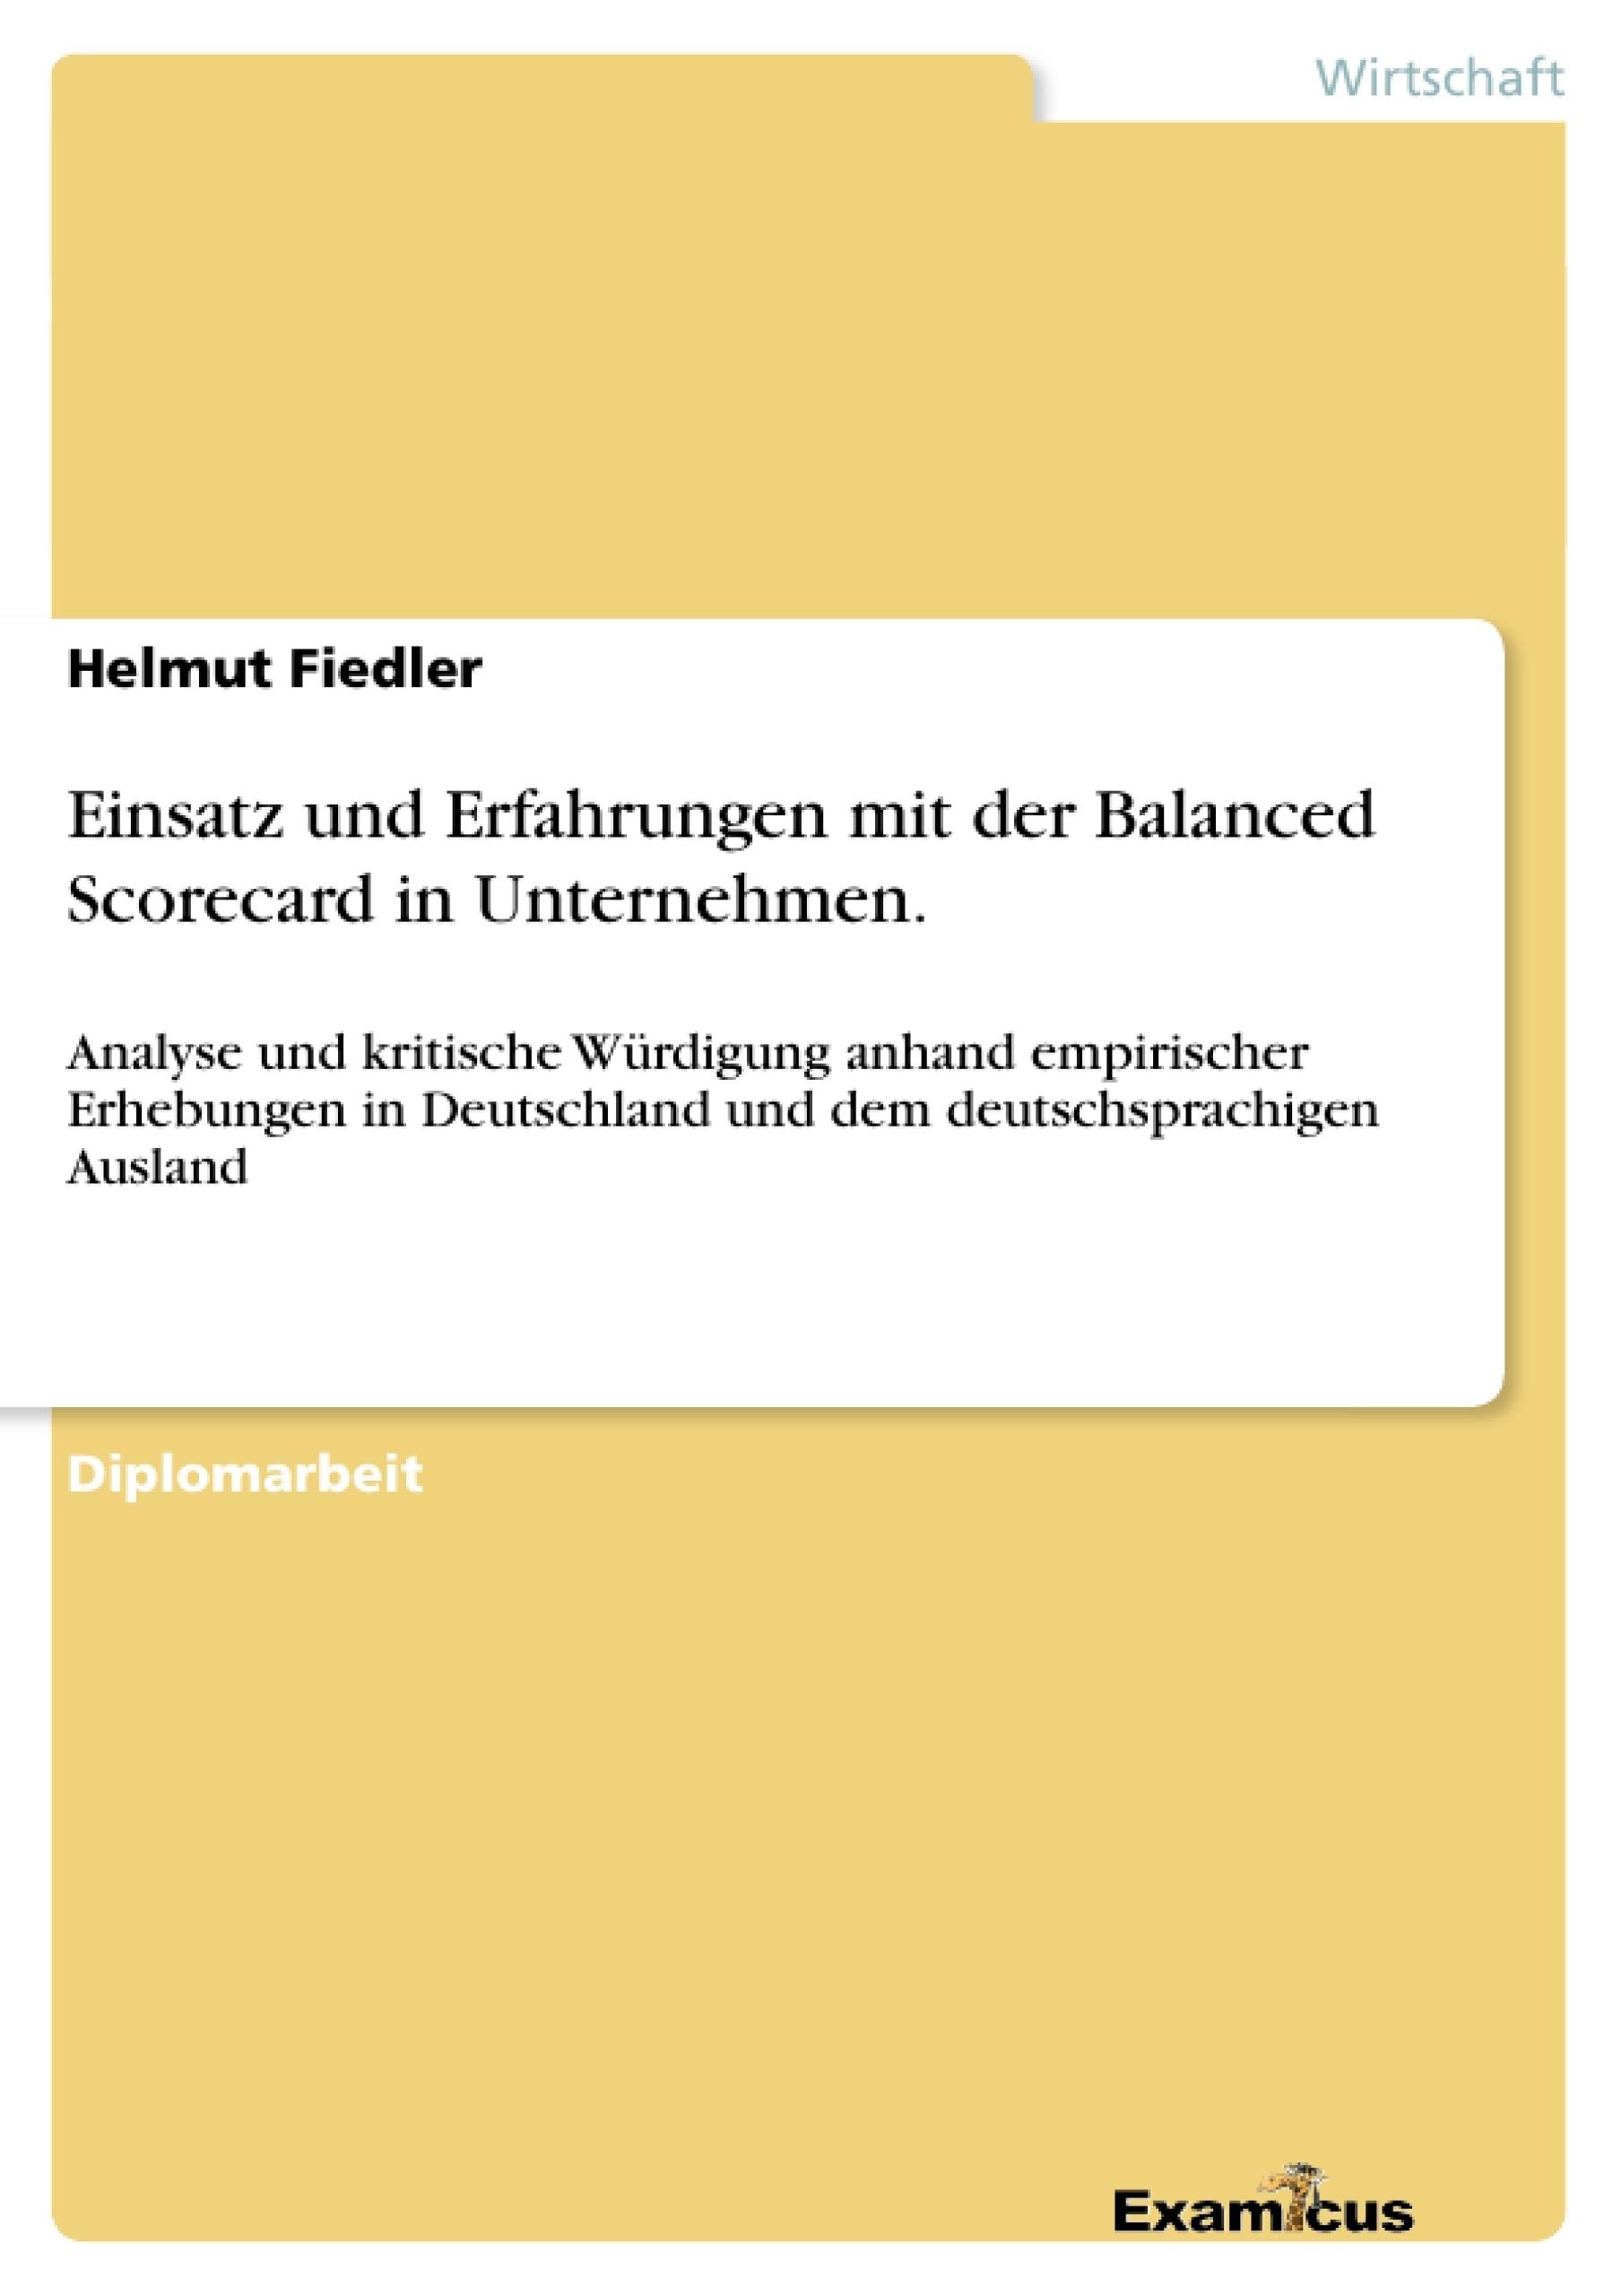 Titel: Einsatz und Erfahrungen mit der Balanced Scorecard in Unternehmen.